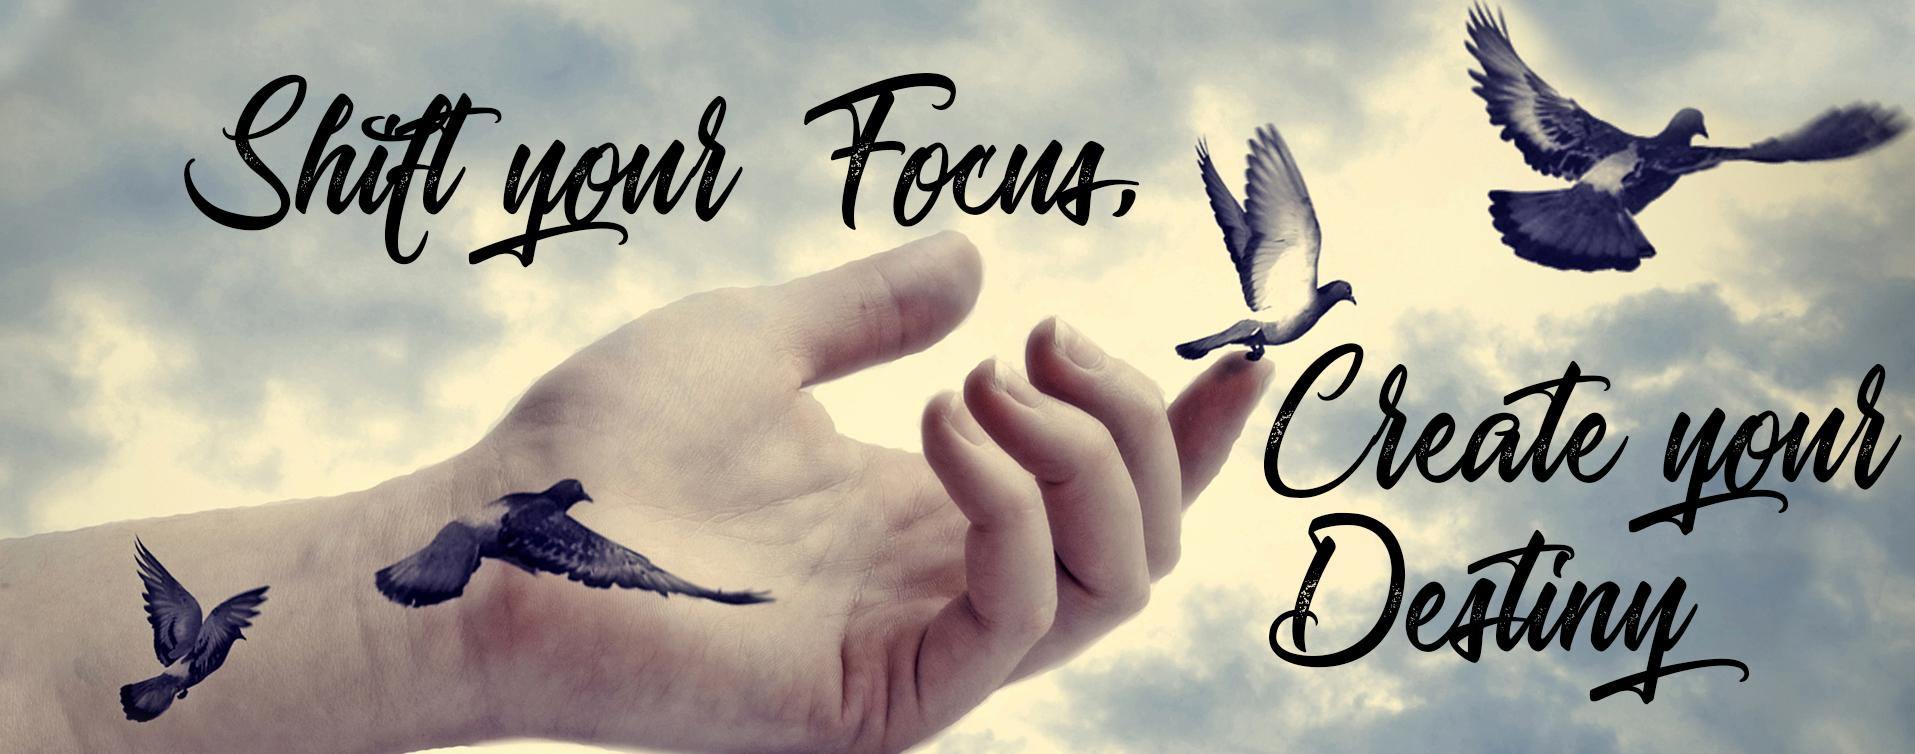 Psych-k Master Facilitation Workshop - Shift your focus